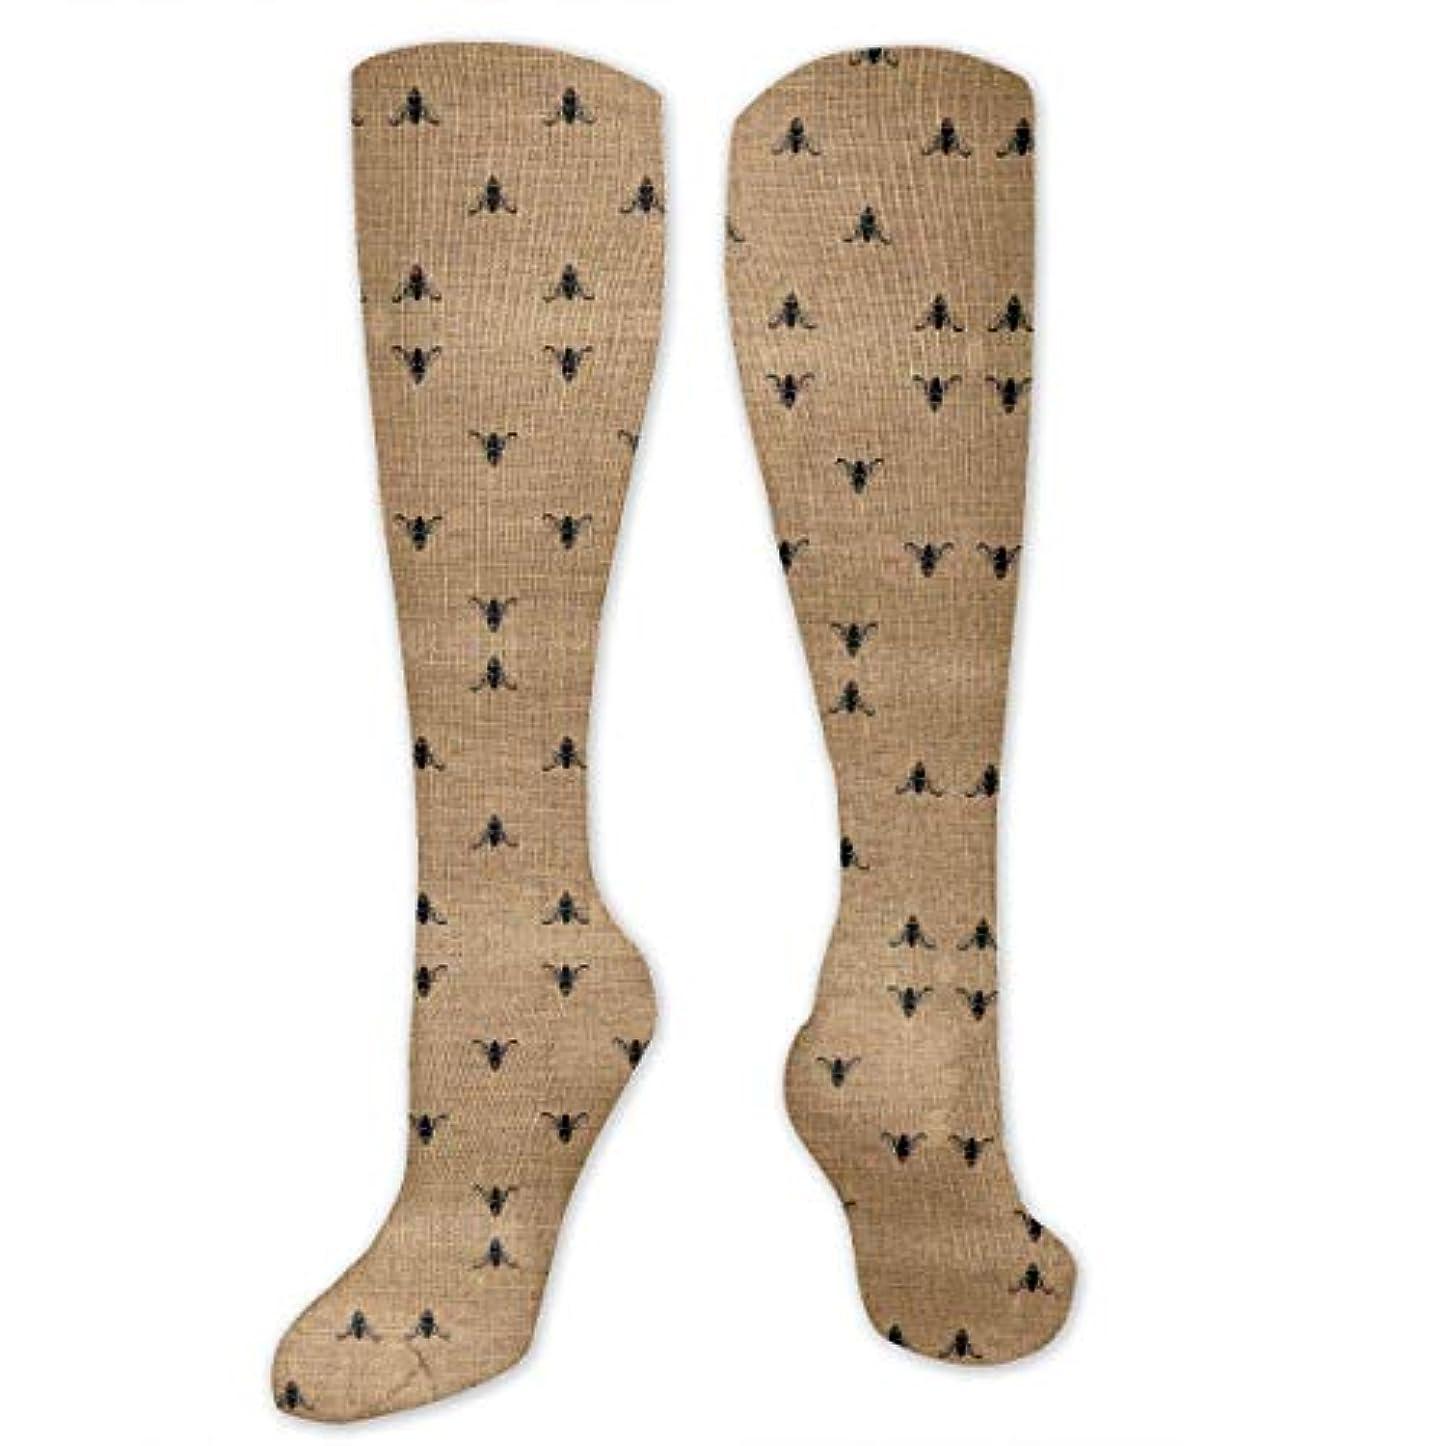 ポップヒロイック出くわす靴下,ストッキング,野生のジョーカー,実際,秋の本質,冬必須,サマーウェア&RBXAA Women's Winter Cotton Long Tube Socks Knee High Graduated Compression...